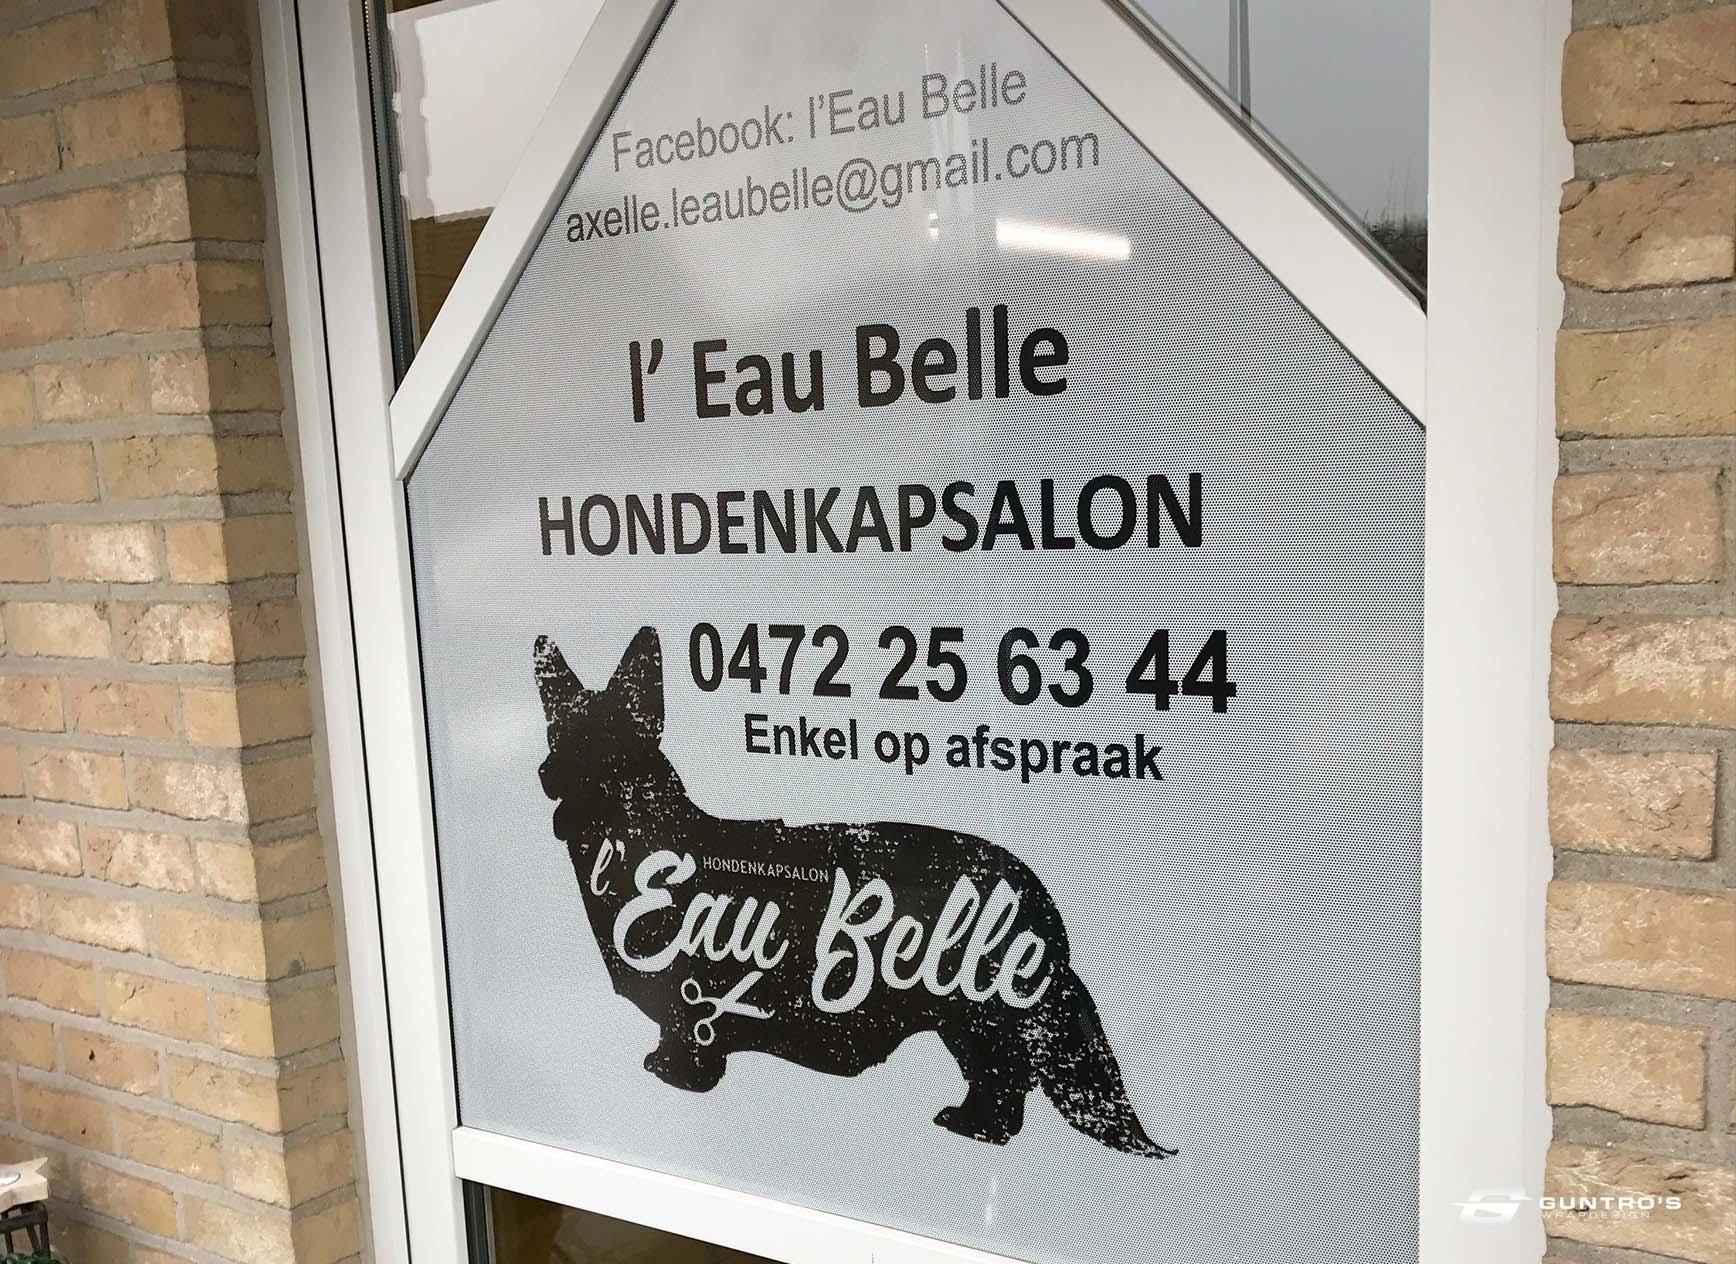 BESTICKERING HONDENSALON L'EAU BELLE